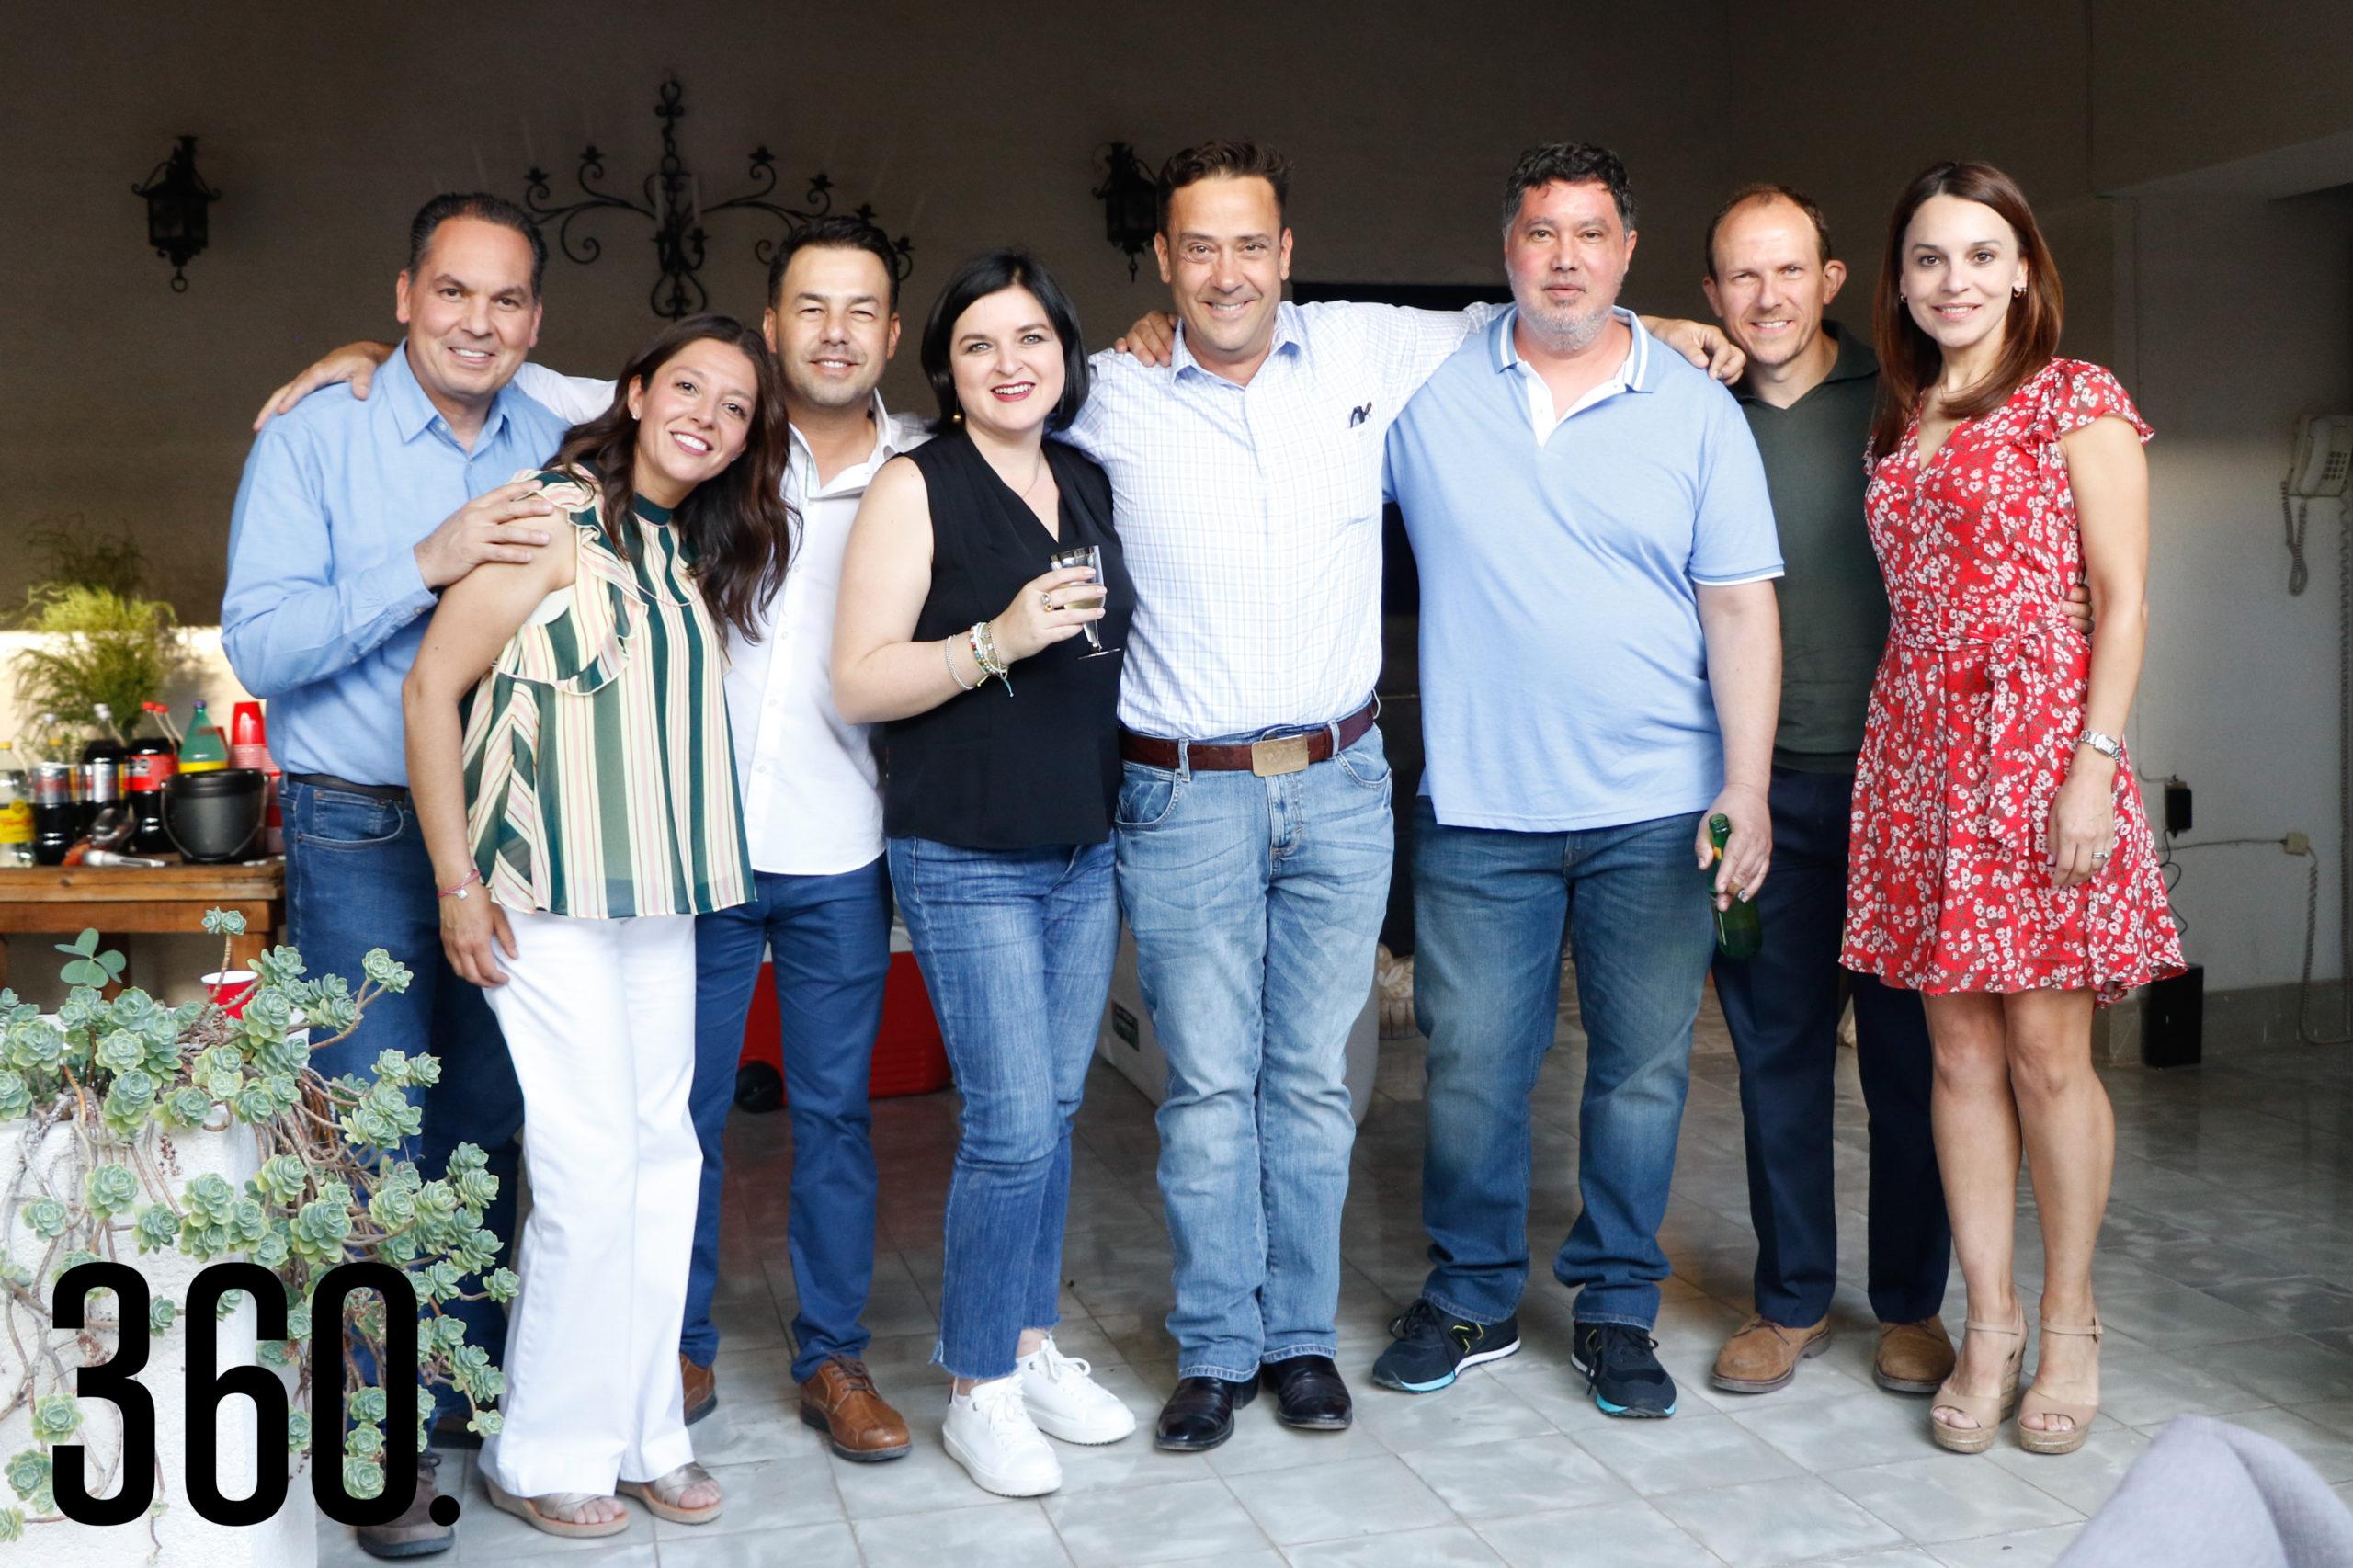 Homero Ortiz, Maryté Montes de Oca, Iván Guerra, Magda Flores, Juan Carlos Guerra, Gilberto Cavazos, José Manuel Guasque y Kristina García.